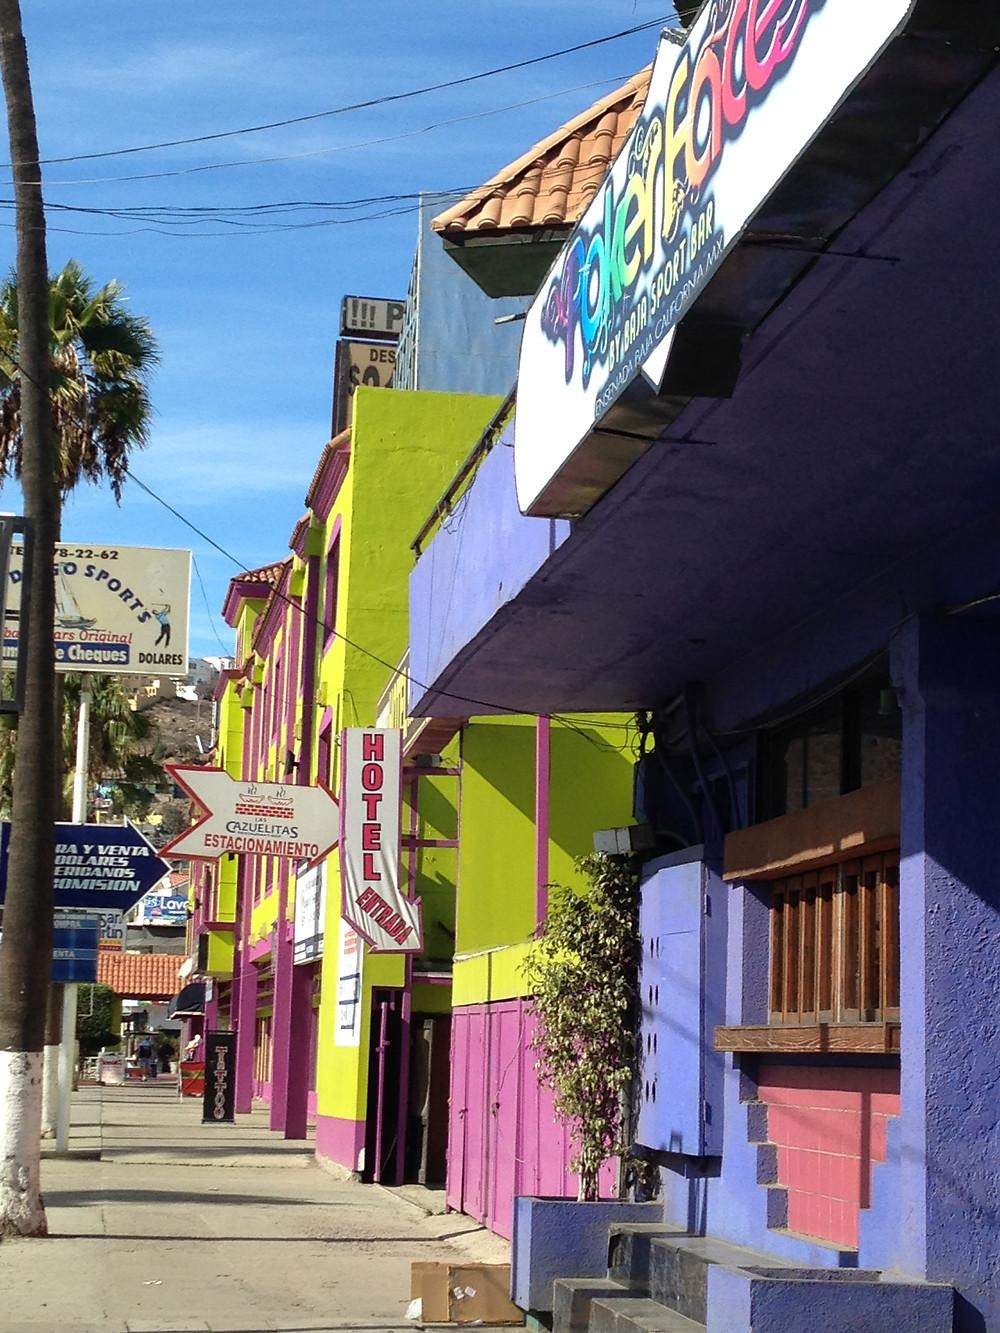 Street of Ensenada Mexico